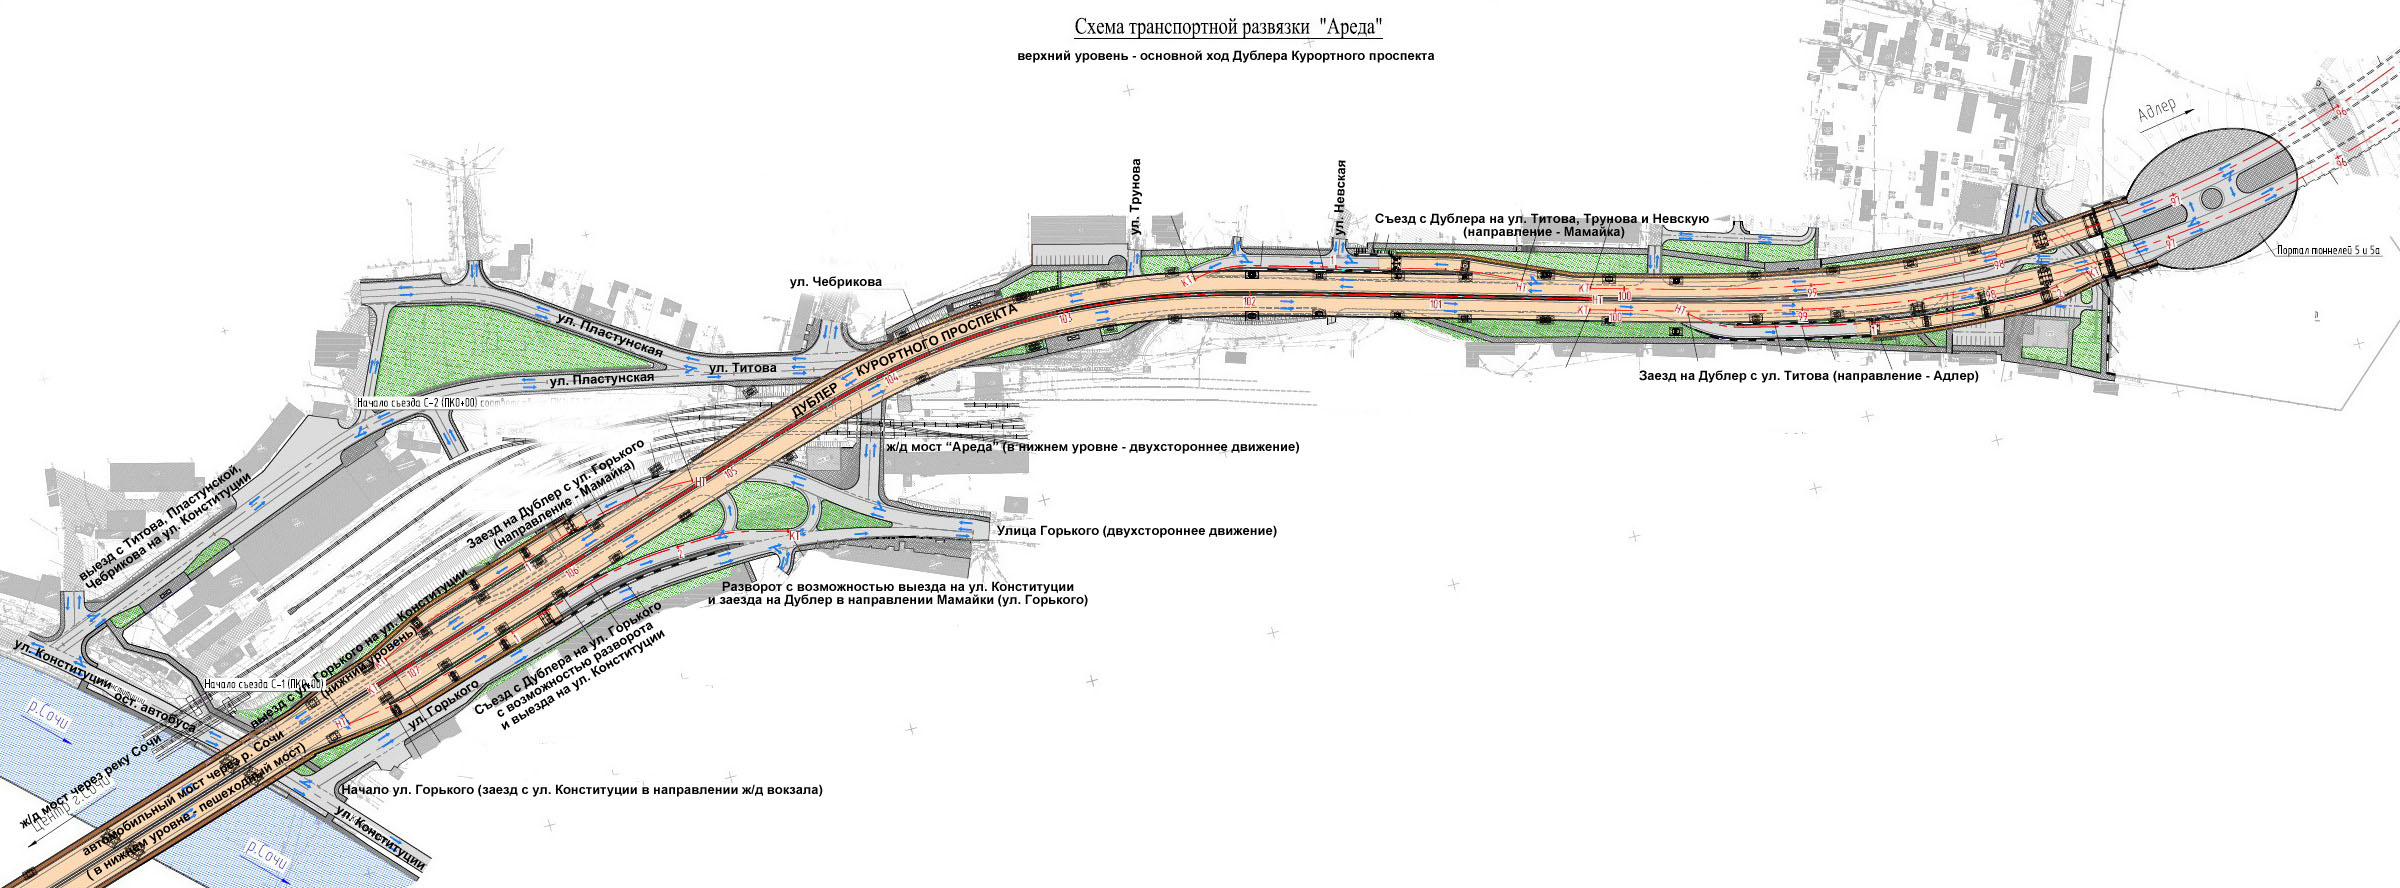 Проект дублёра курортного проспекта обратная сторона сочи.